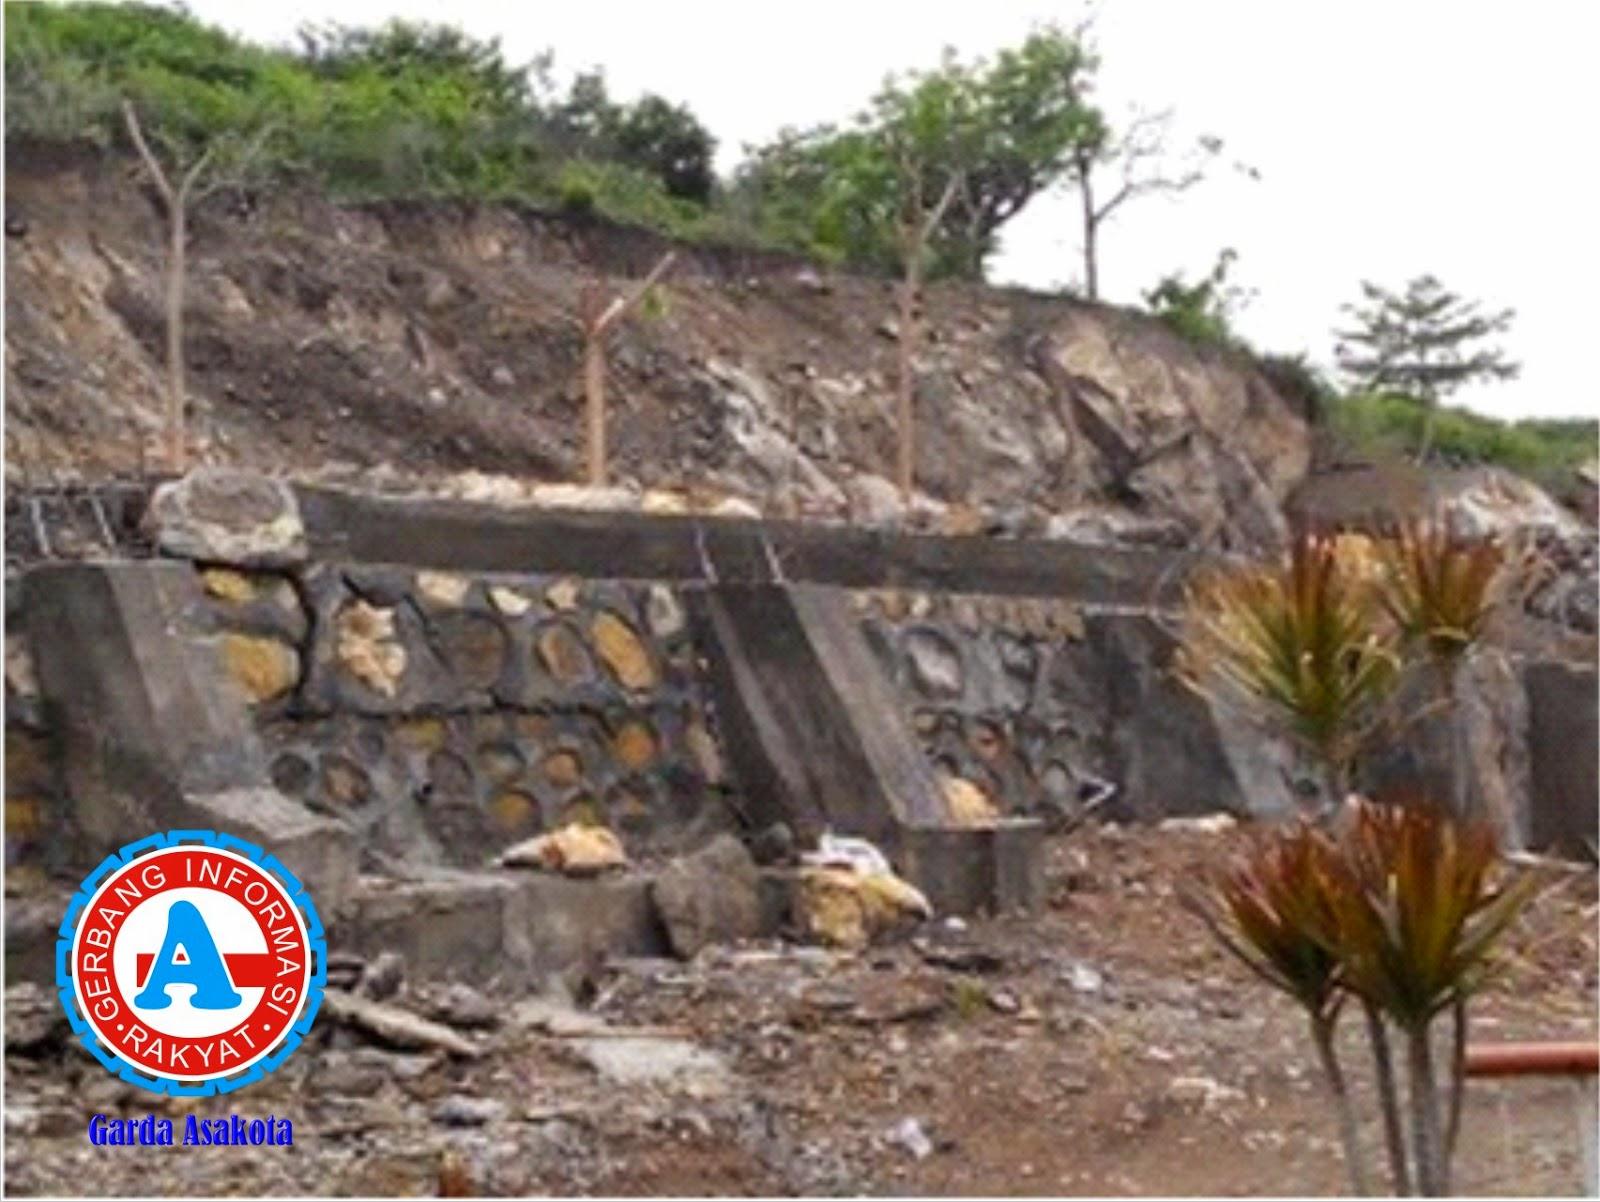 Bencana Longsor di Pemandian  Bima Tirta, Pemerintah Tutup Mata